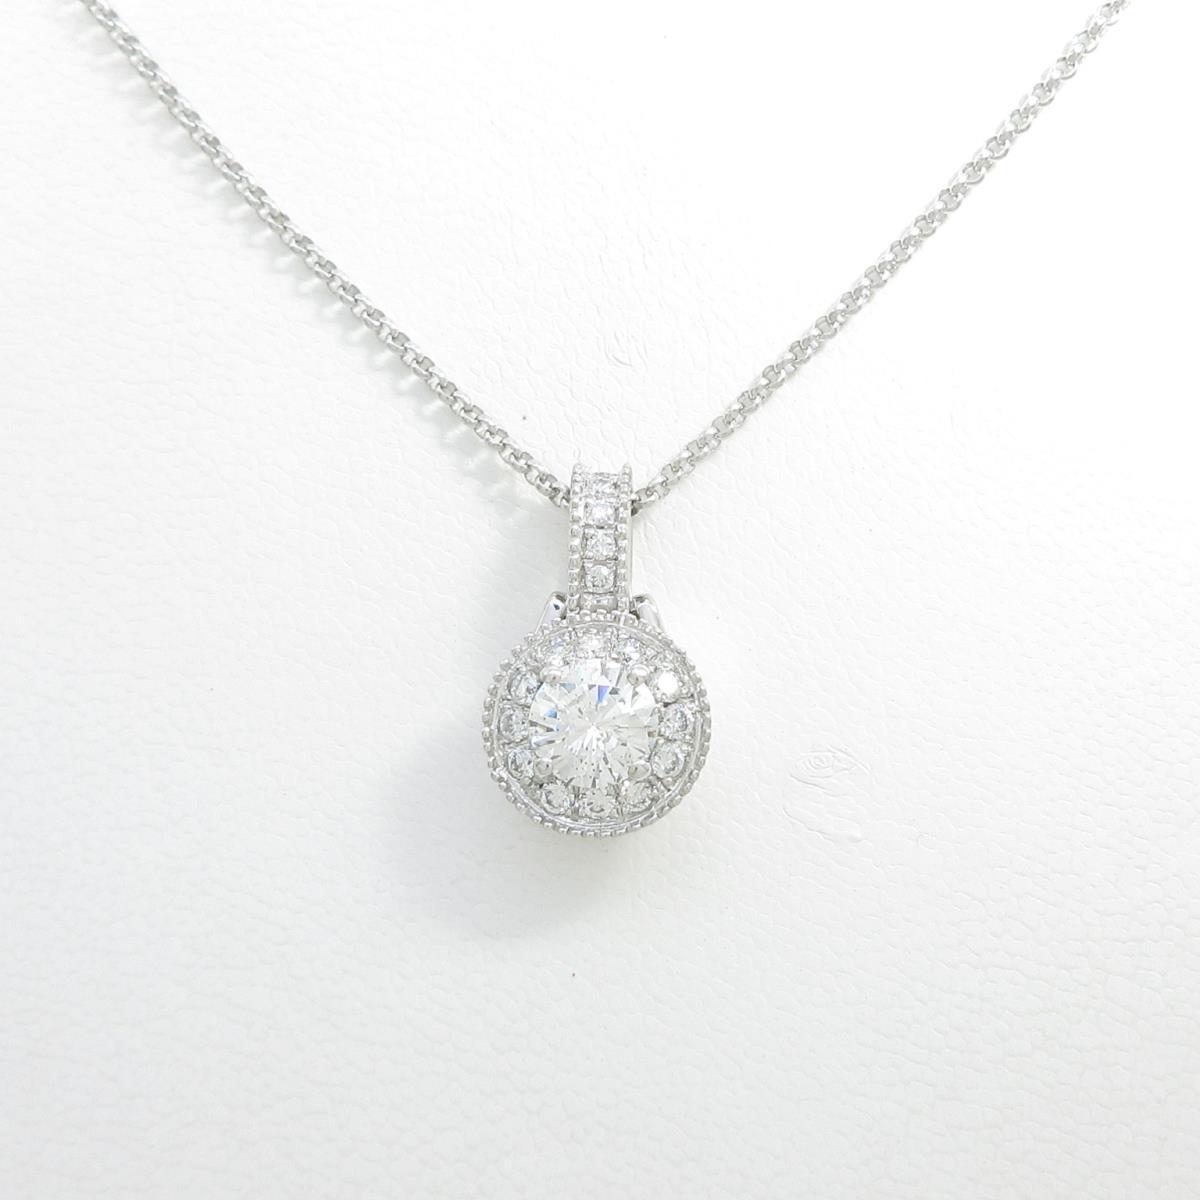 プラチナダイヤモンドネックレス 1.025ct・G・SI2・GOOD【中古】